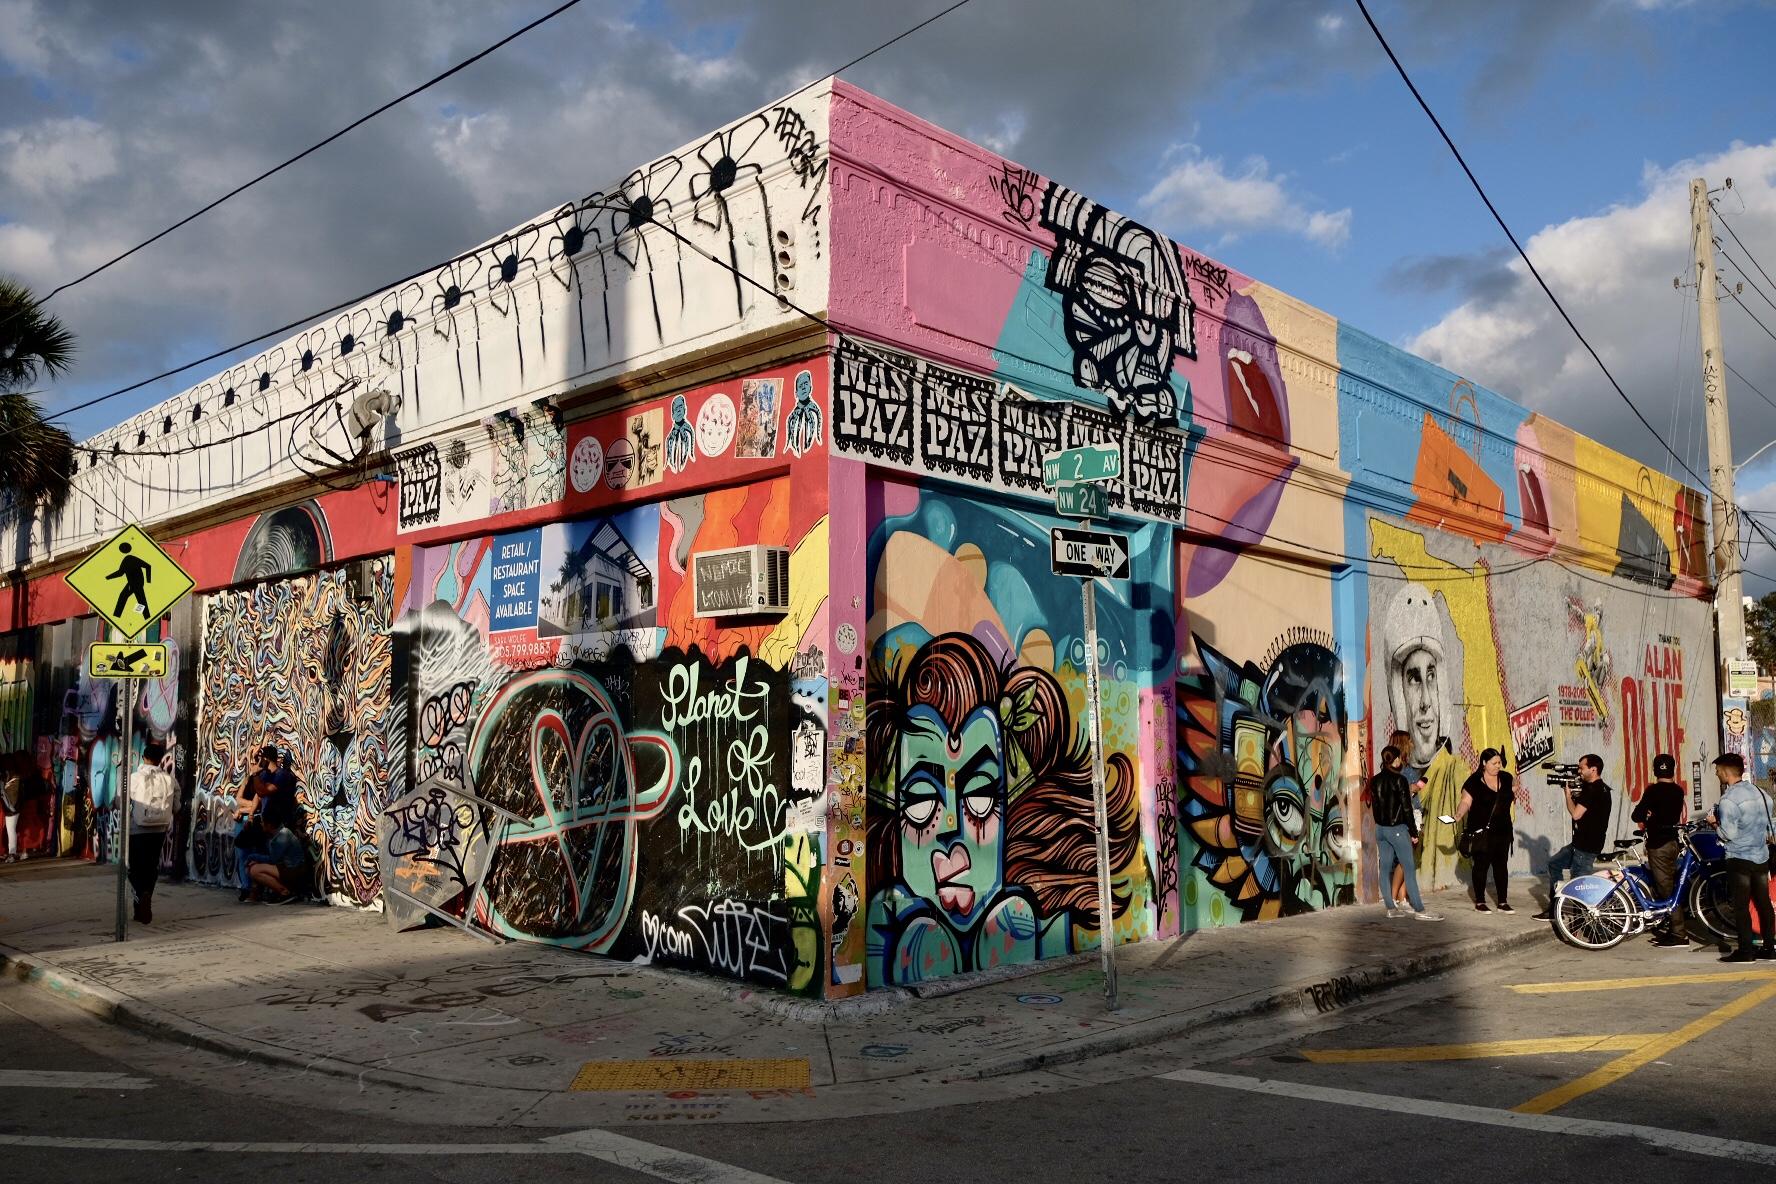 NW 2 AV / NW 24 ST Miami